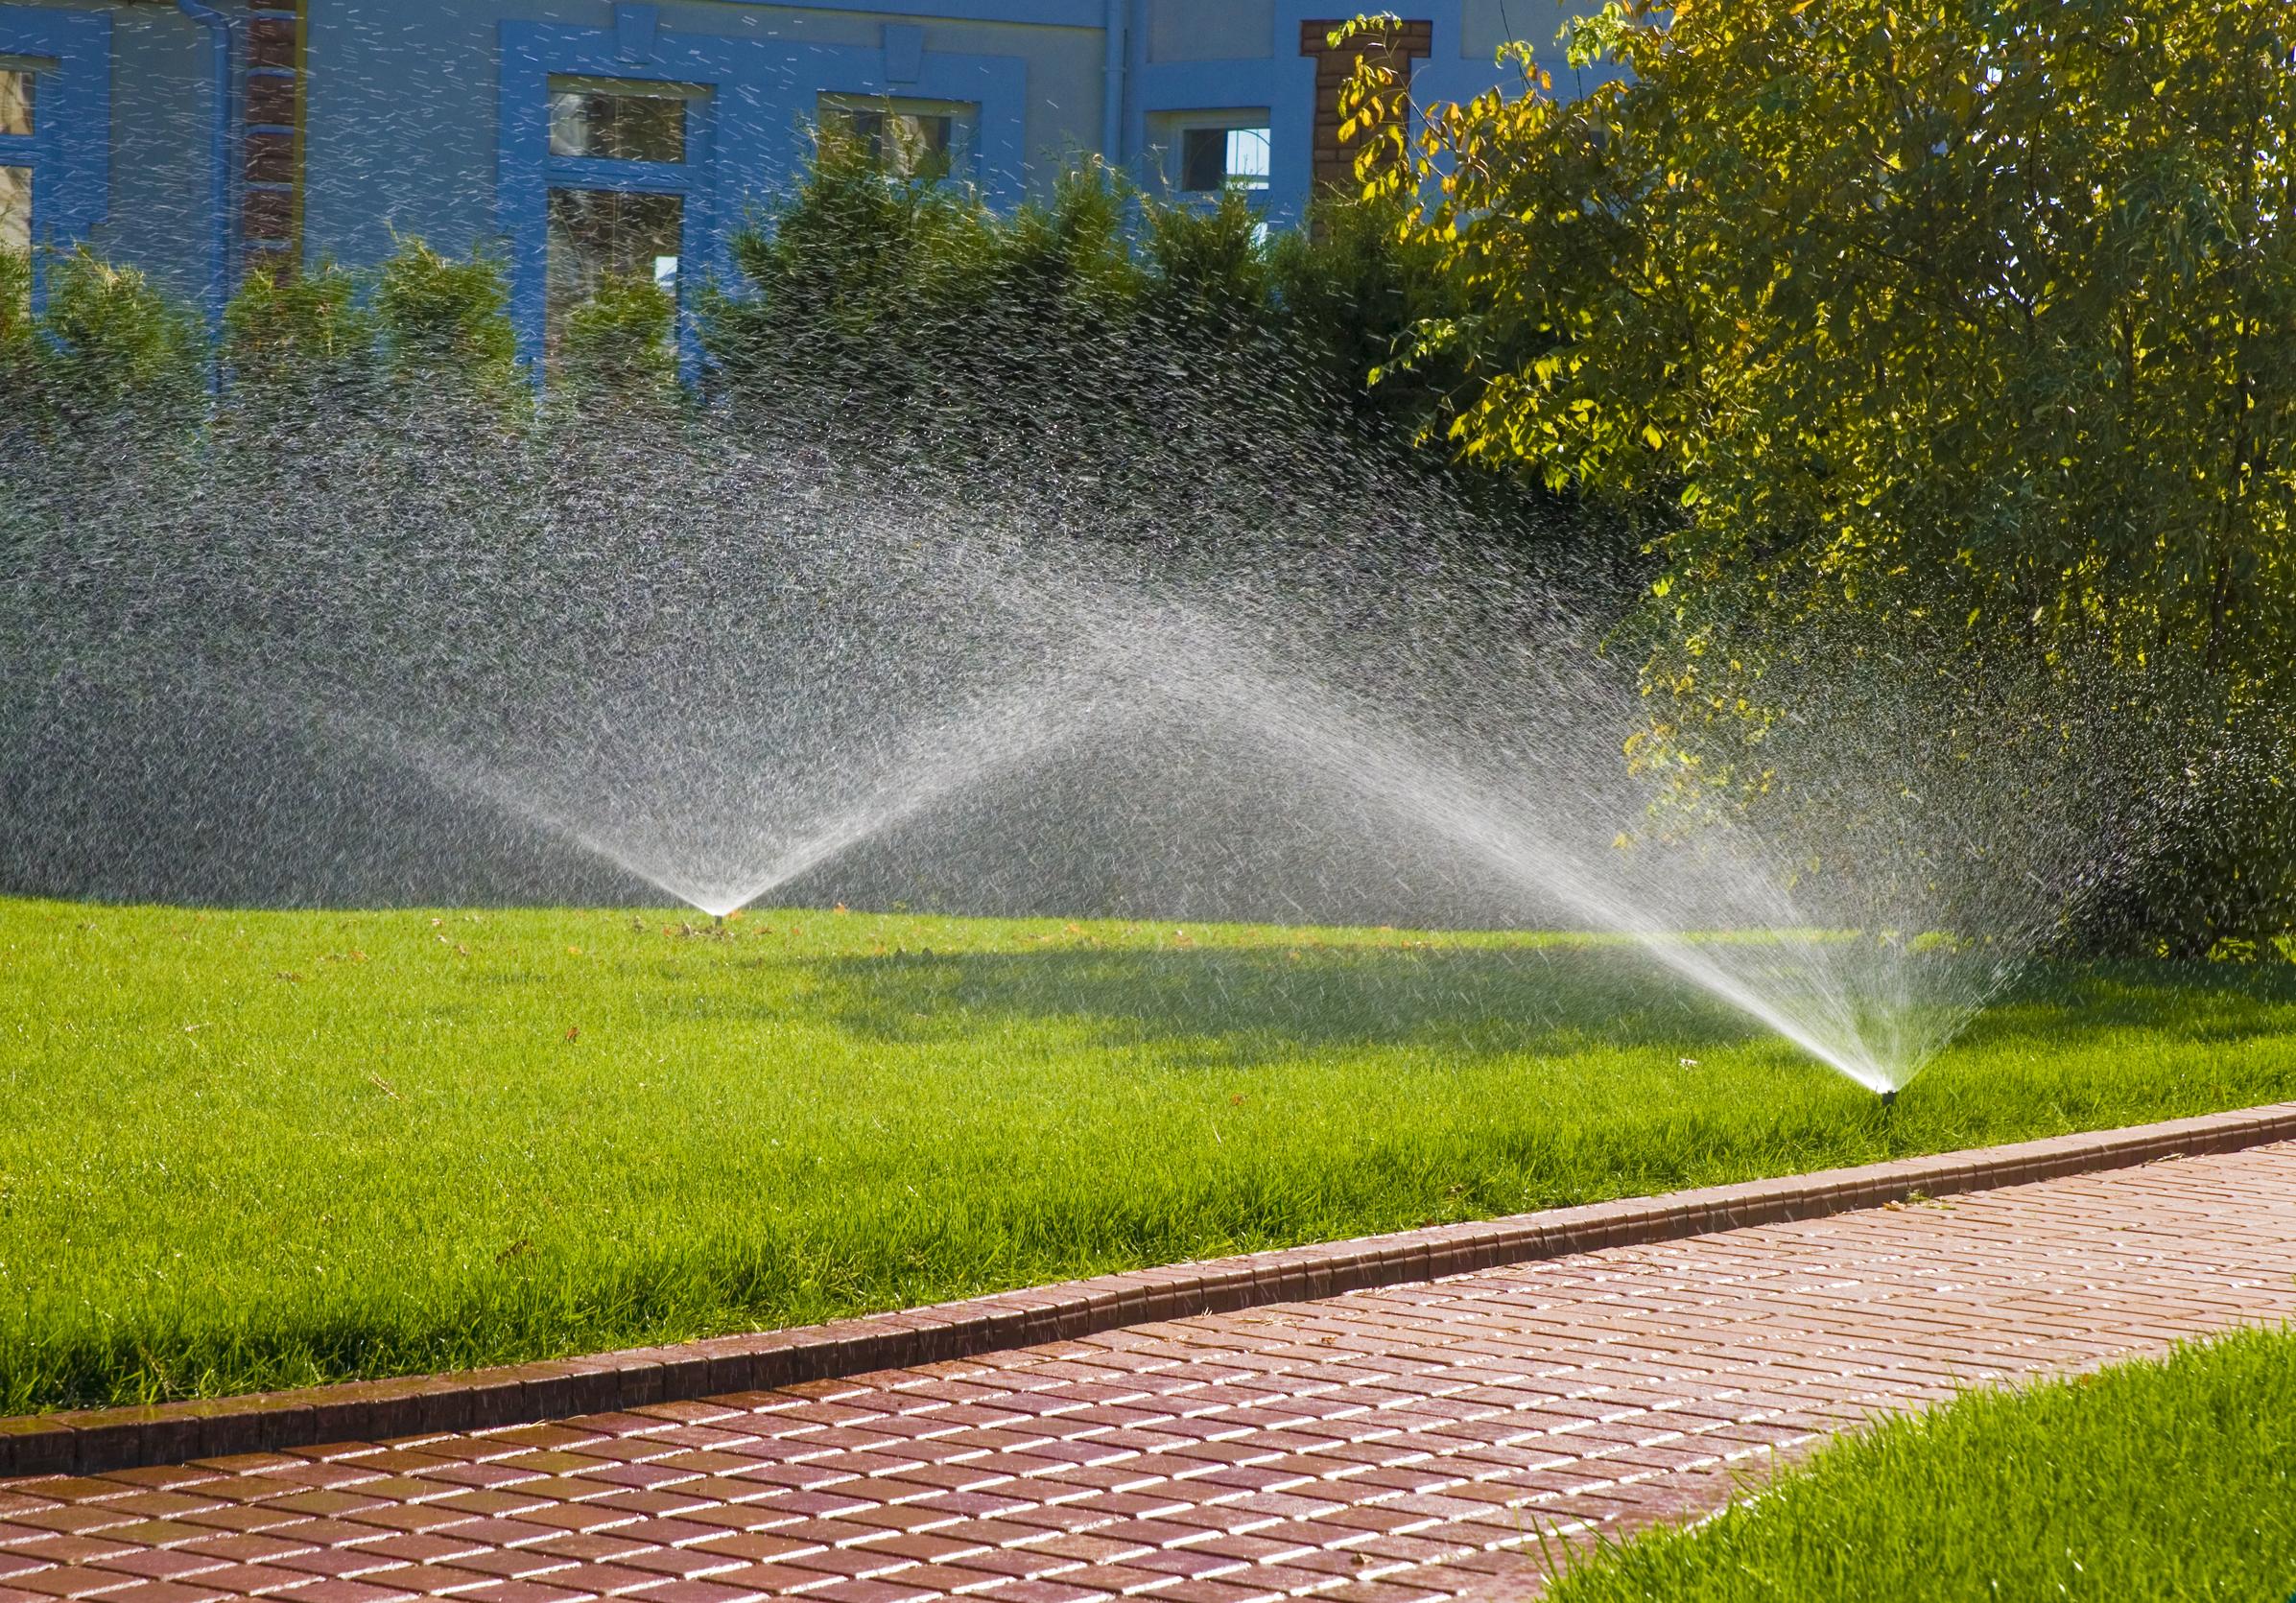 lawn_water_fertilizer_delivery.jpg